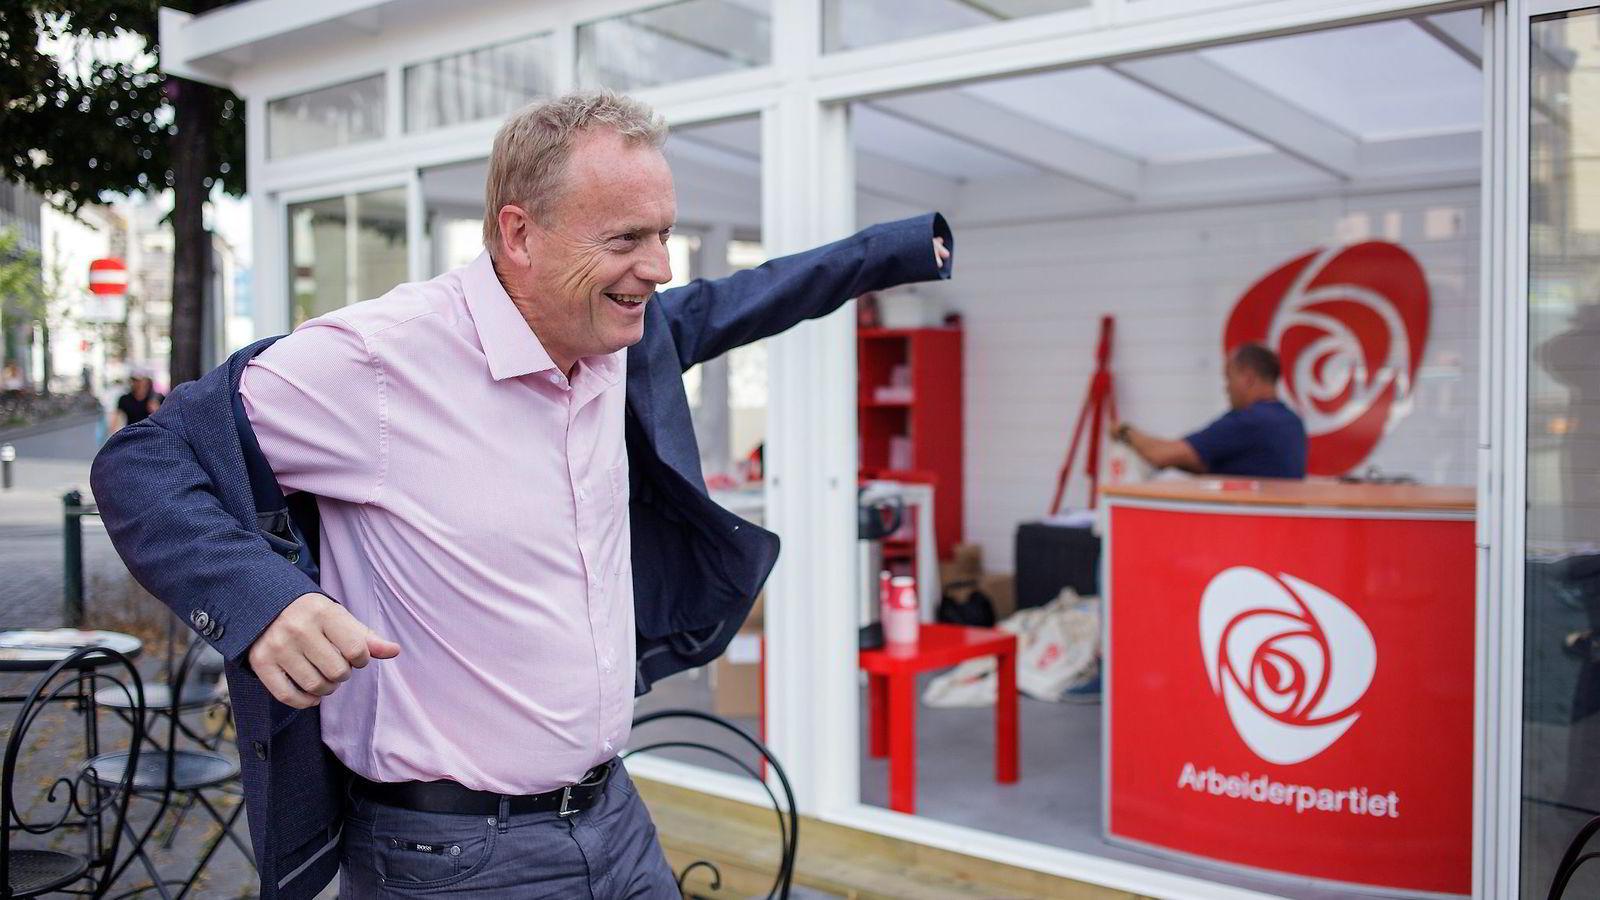 – Jeg vet jo at det er politisk tabu, sier Raymond Johansen om sitt eget mediepolitiske utspill midt under lokalvalgkampen. Foto: